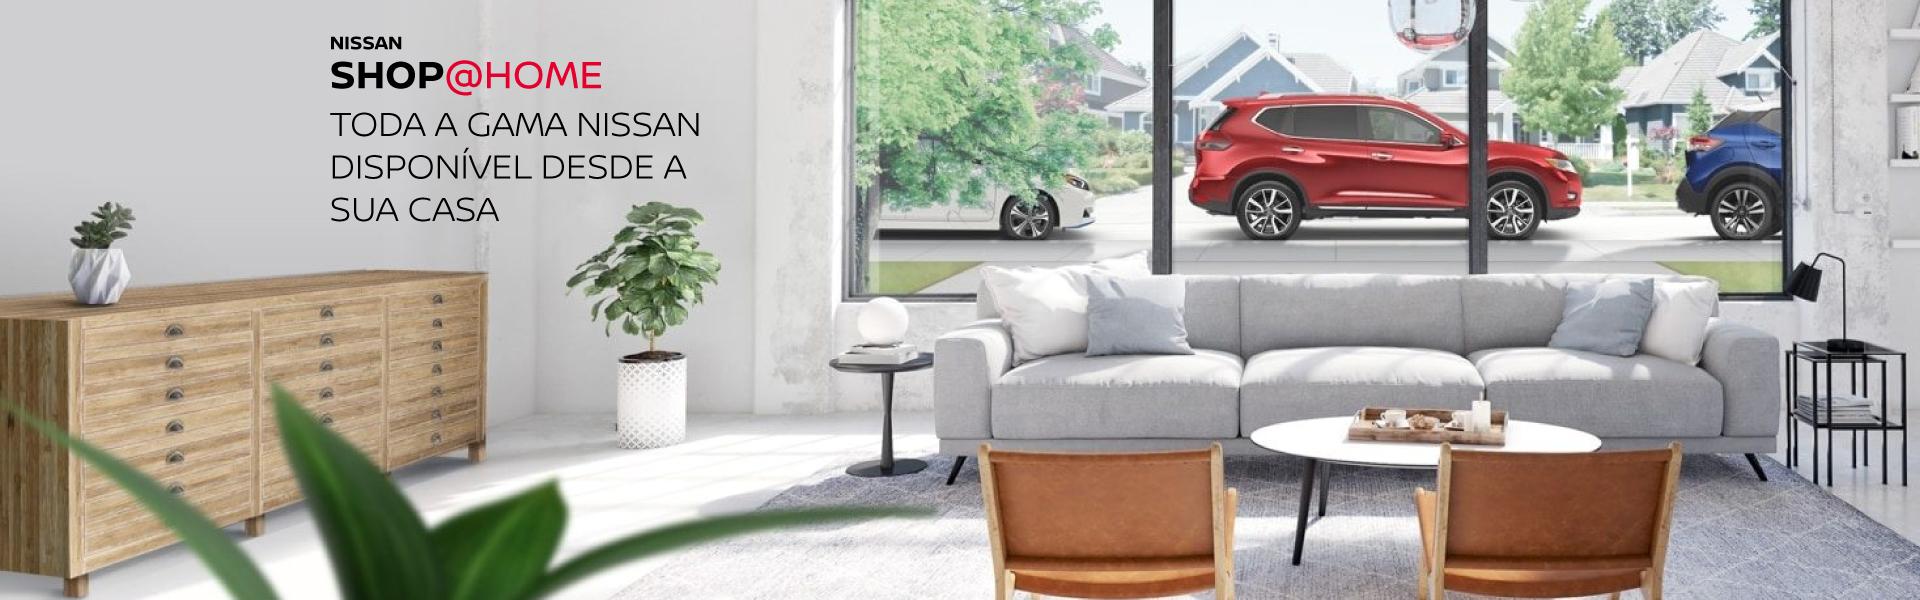 serviço do Nissan Shop@Home